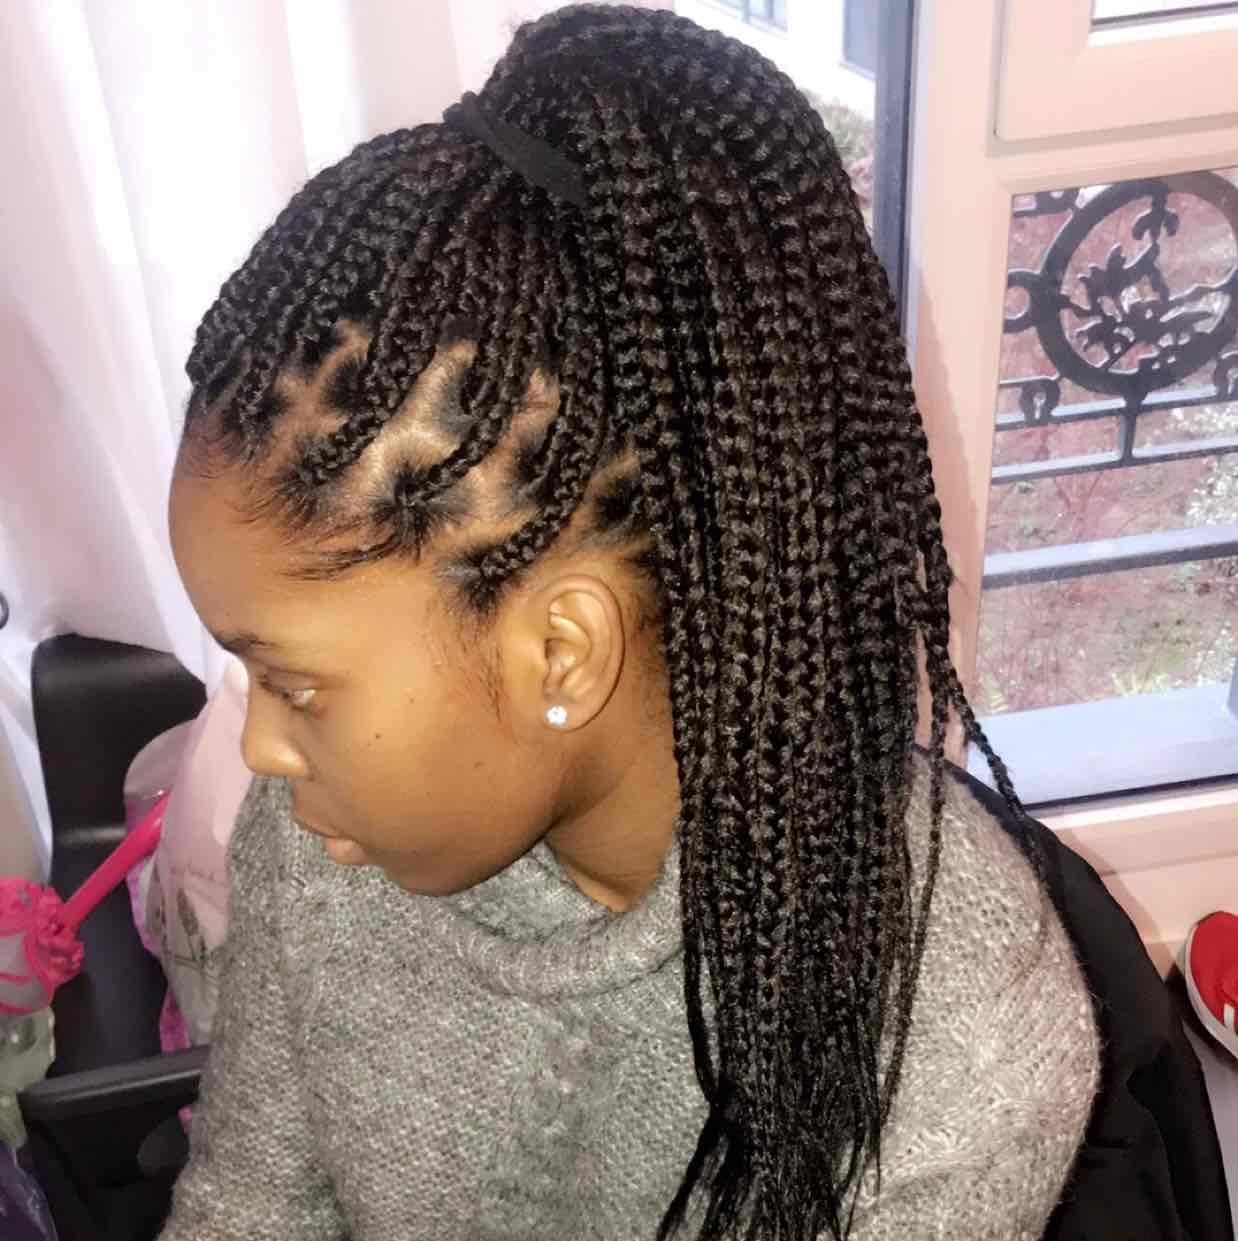 salon de coiffure afro tresse tresses box braids crochet braids vanilles tissages paris 75 77 78 91 92 93 94 95 FUFGYMRI